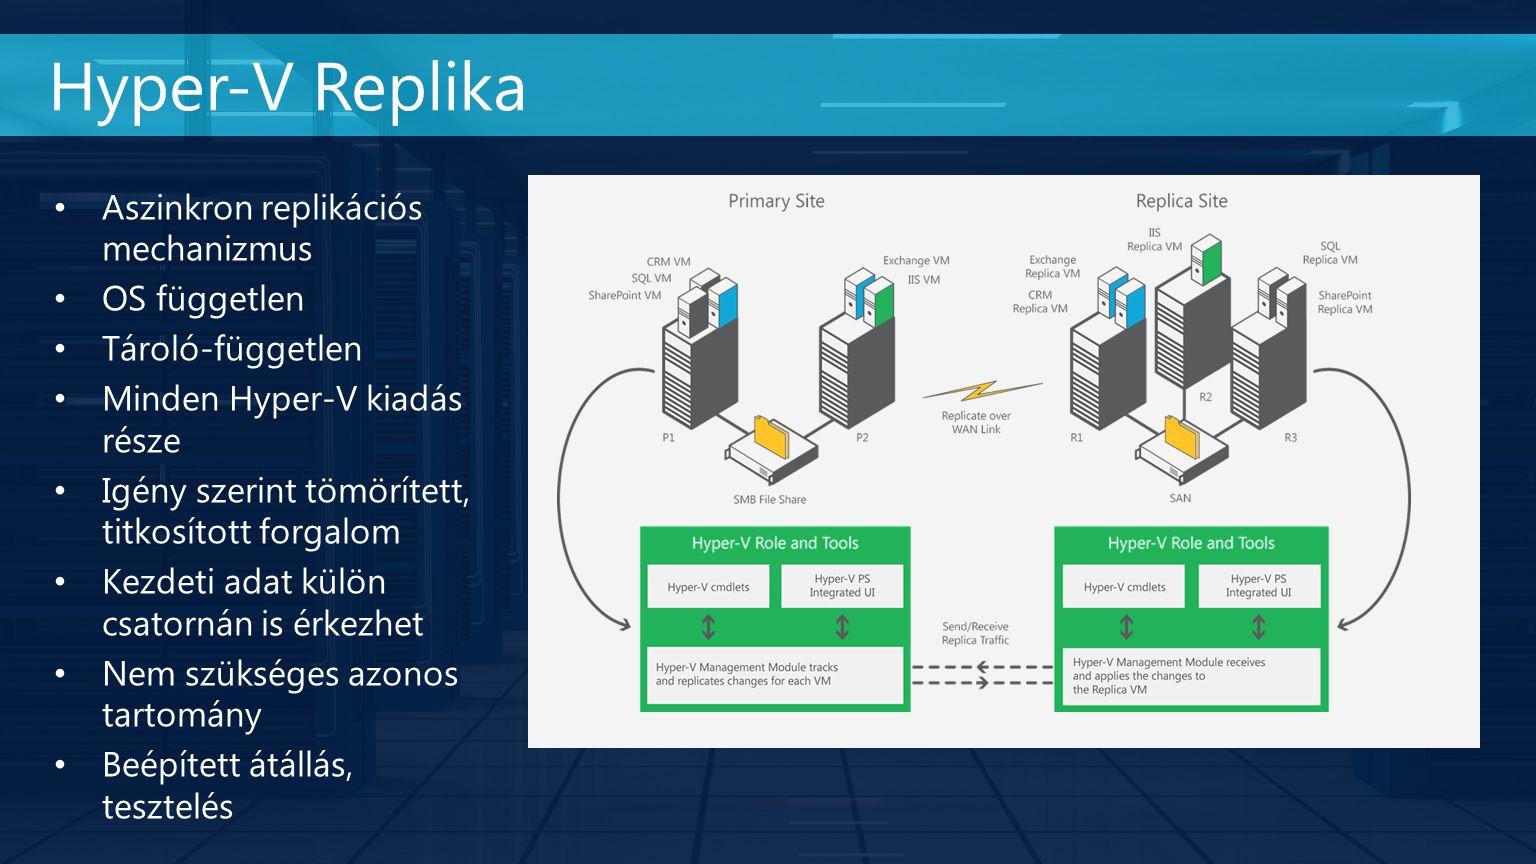 Aszinkron replikációs mechanizmus OS független Tároló-független Minden Hyper-V kiadás része Igény szerint tömörített, titkosított forgalom Kezdeti adat külön csatornán is érkezhet Nem szükséges azonos tartomány Beépített átállás, tesztelés Hyper-V Replika